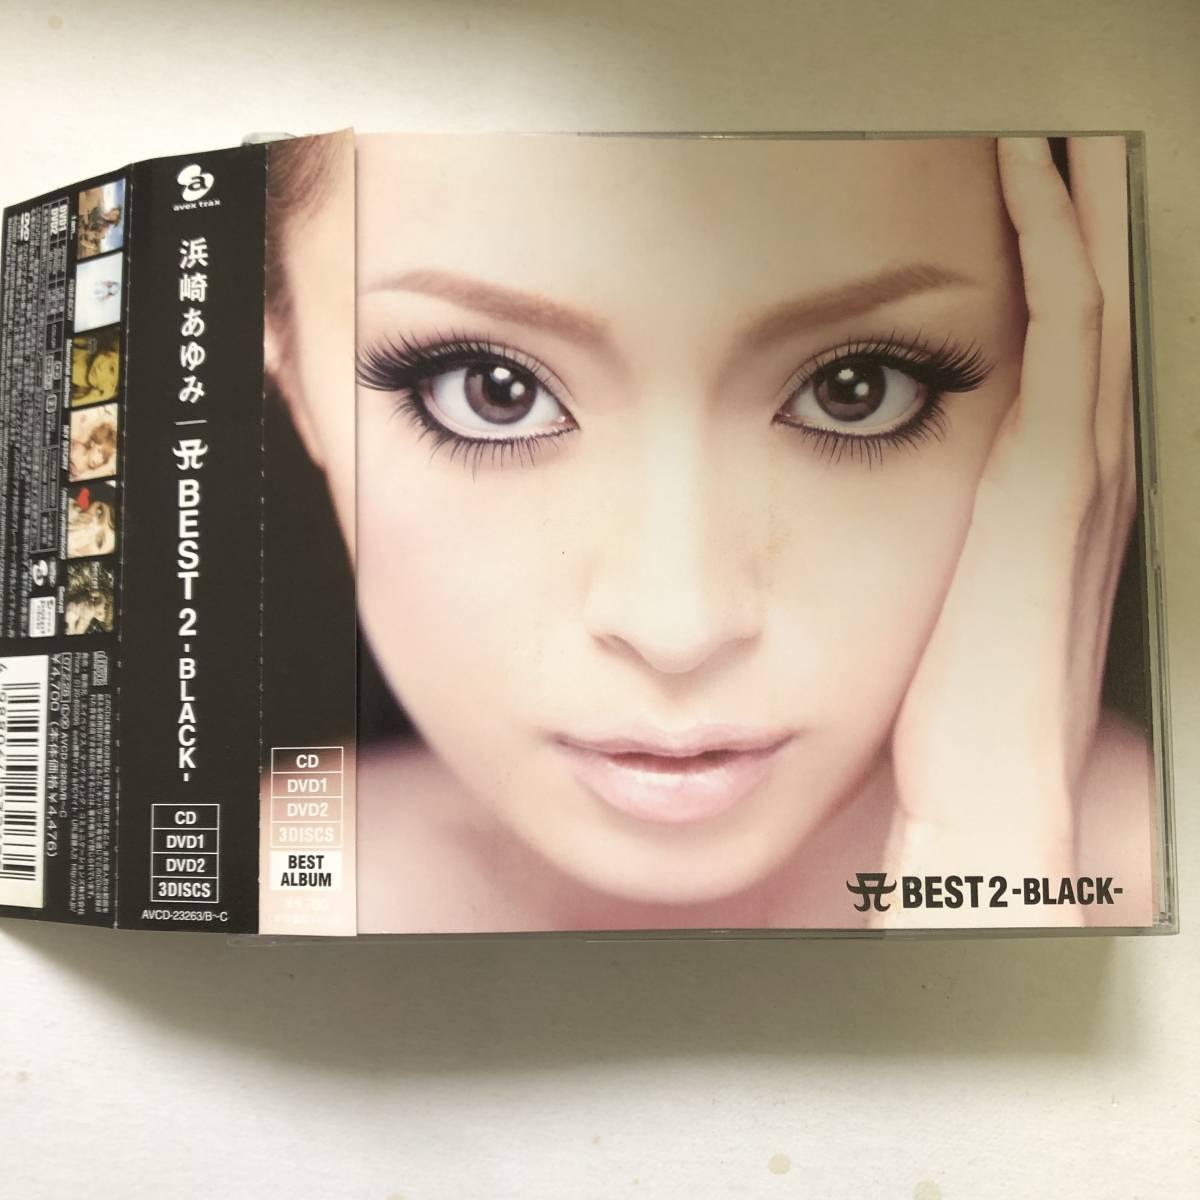 帯付きです☆☆浜崎あゆみ『A BEST 2 BLACK』初回限定盤CD+2DVD☆☆_画像1